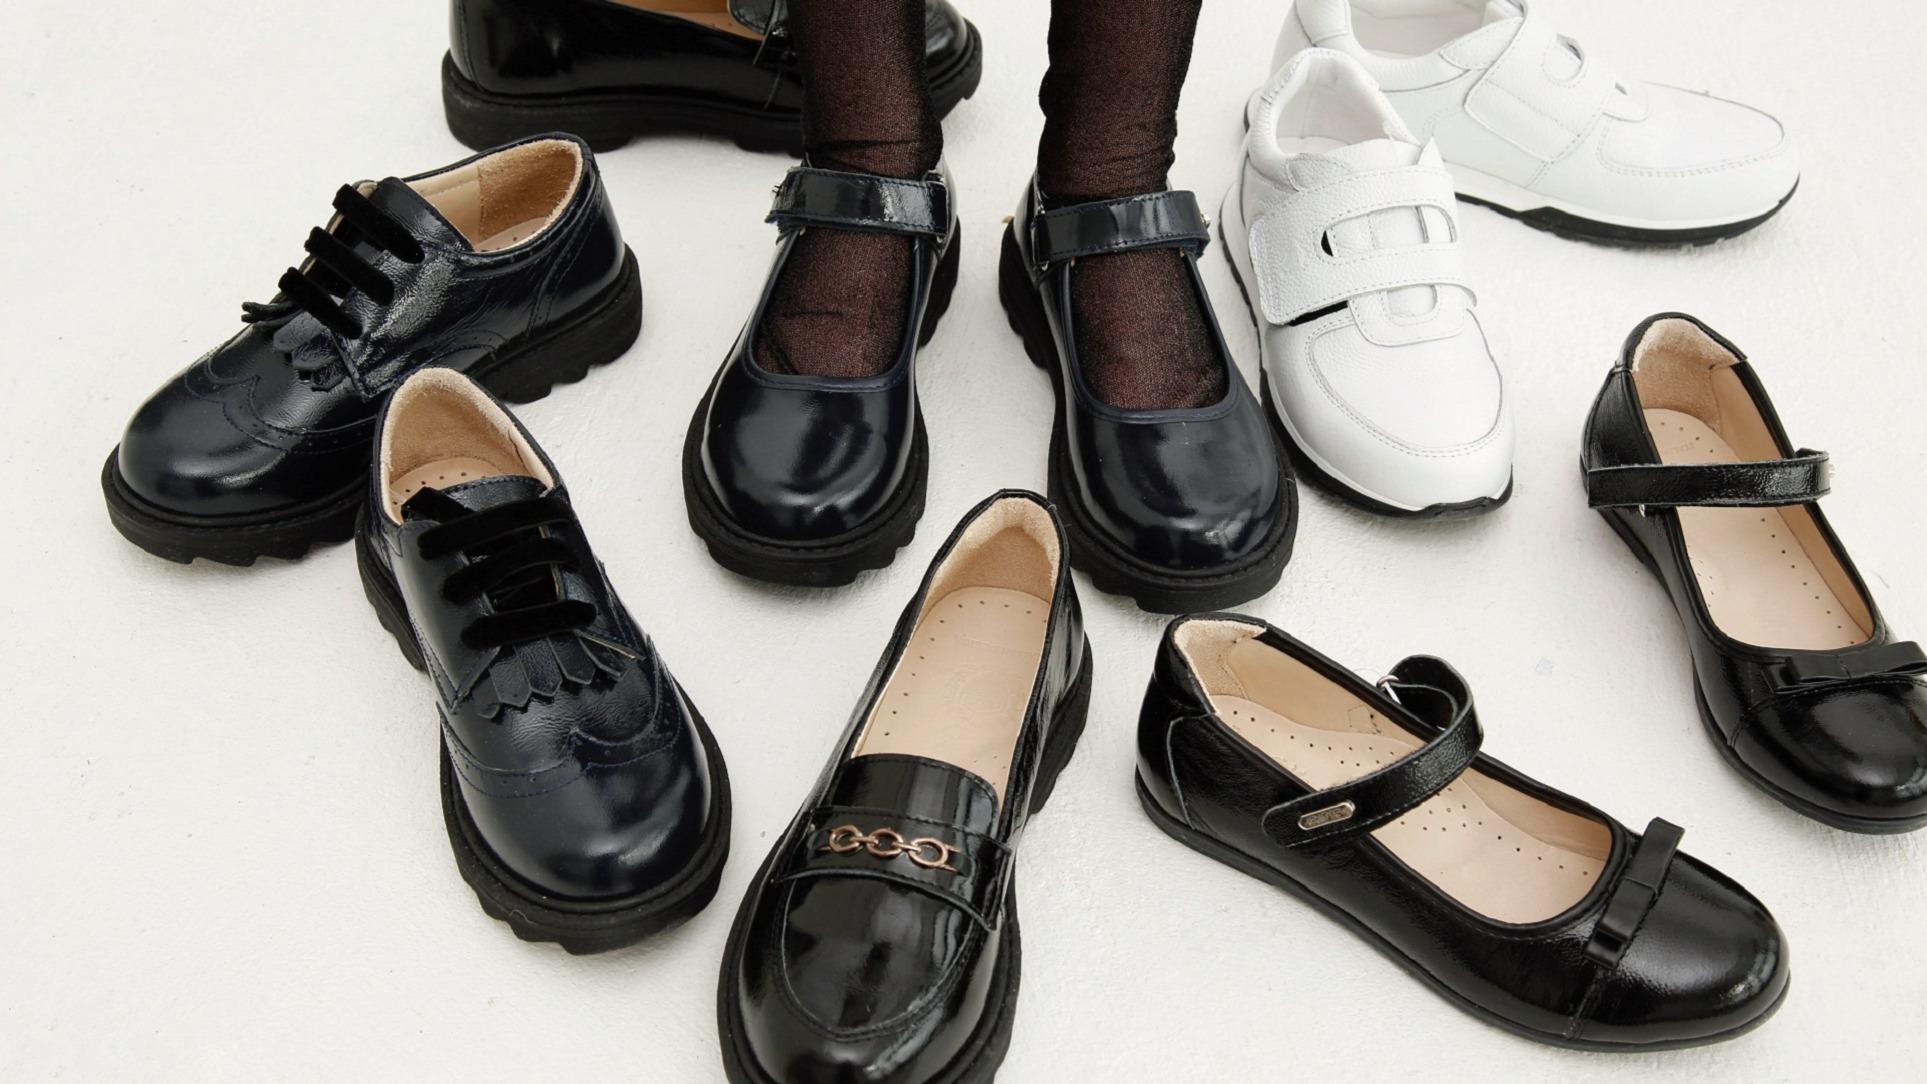 Подклад и стелька из телячьей кожи в детской обуви – роскошь или необходимость?